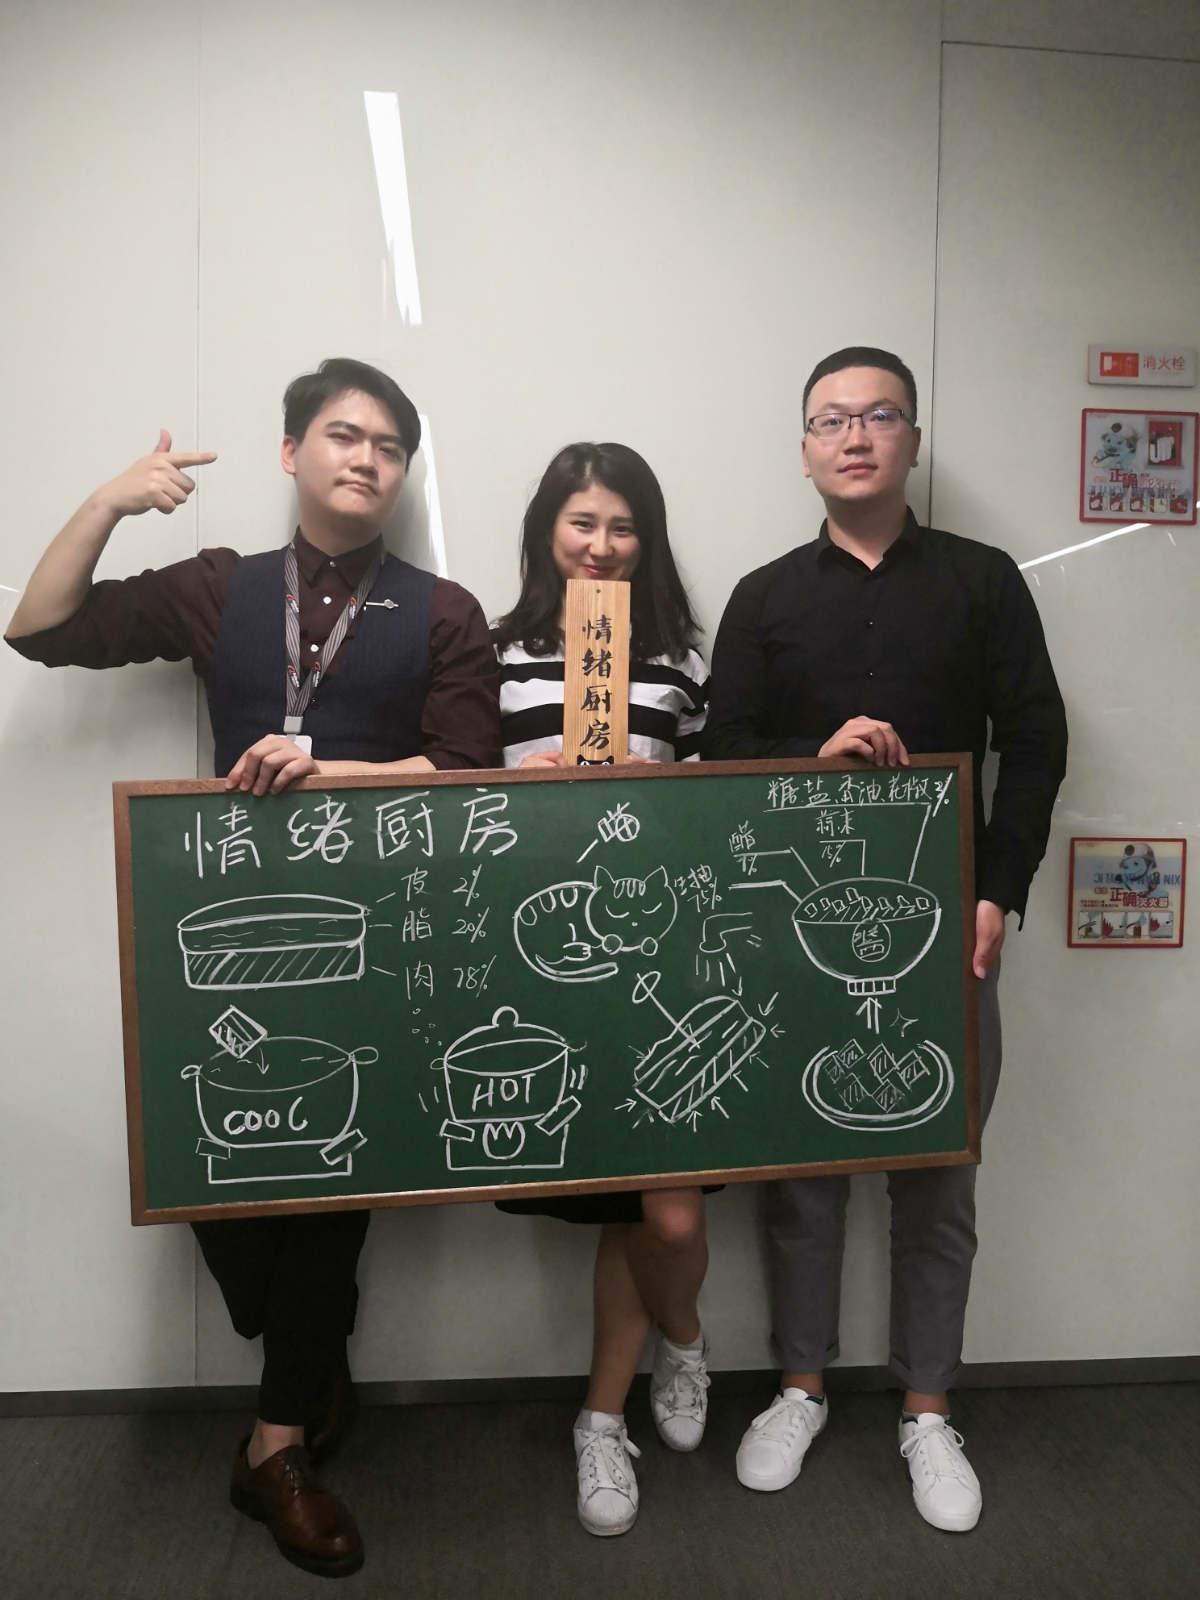 《情绪厨房》团队_meitu_5